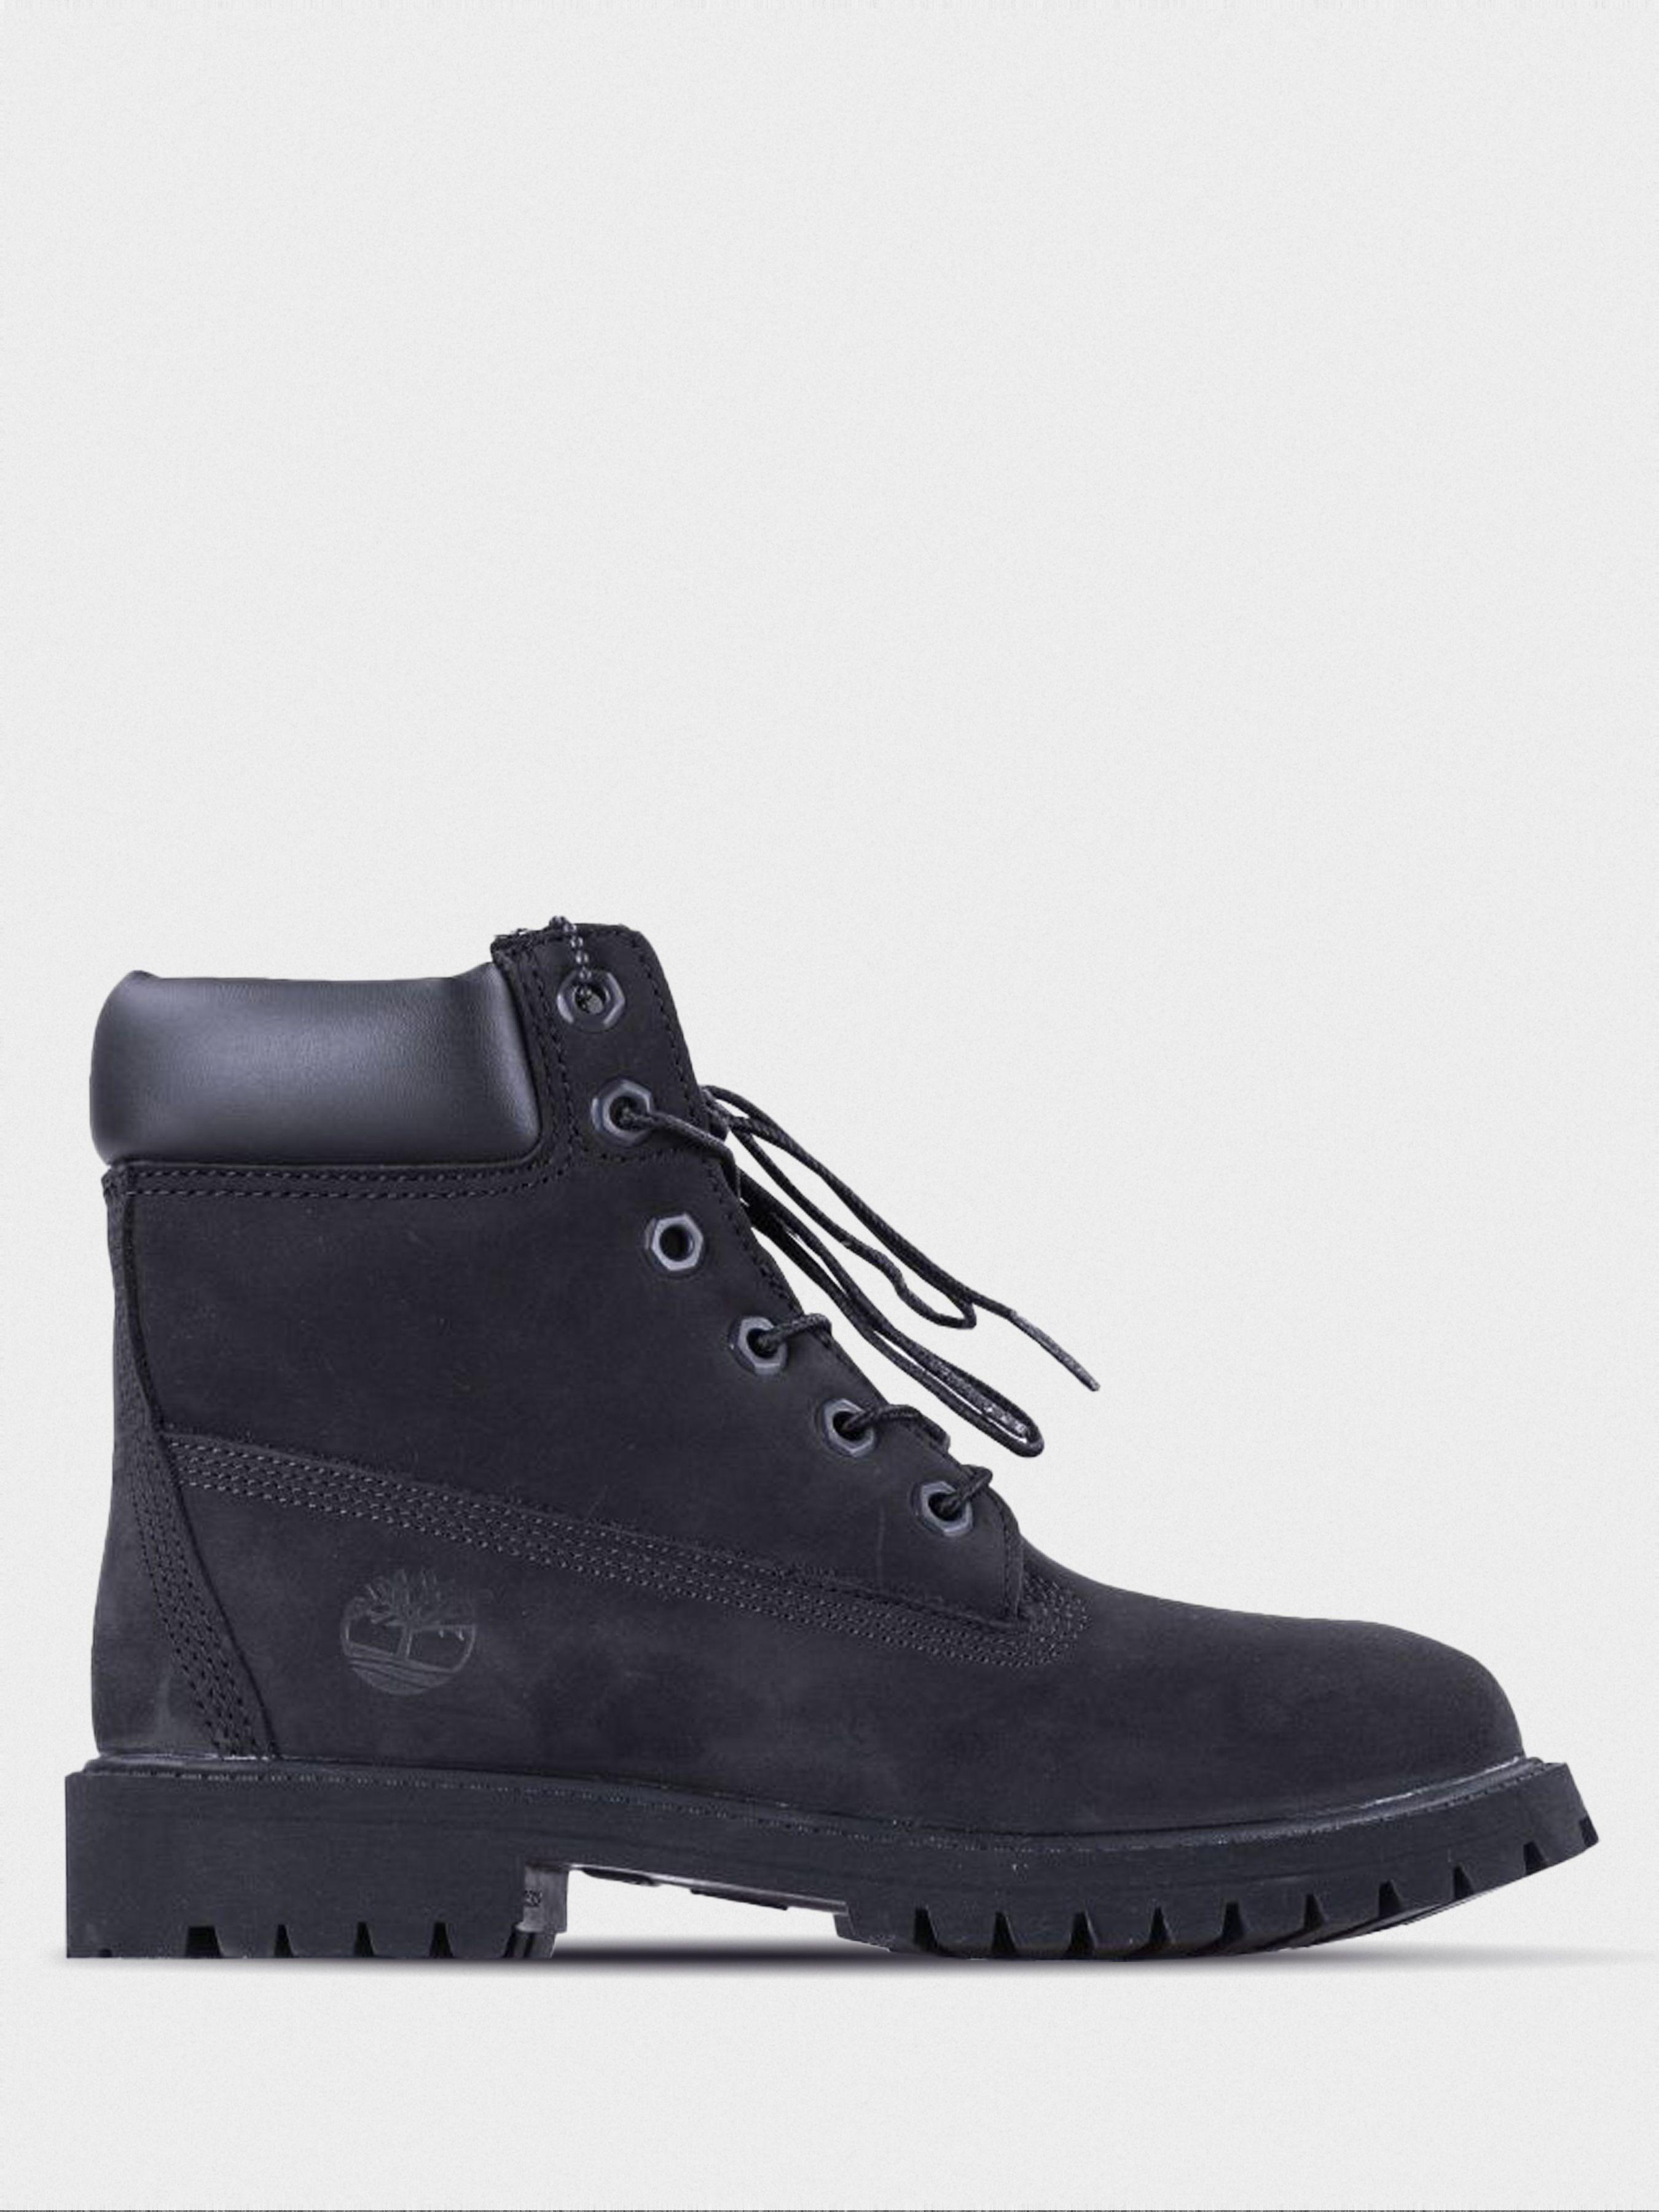 Купить Ботинки детские Timberland 6 In Classic Boot TL1661, Черный